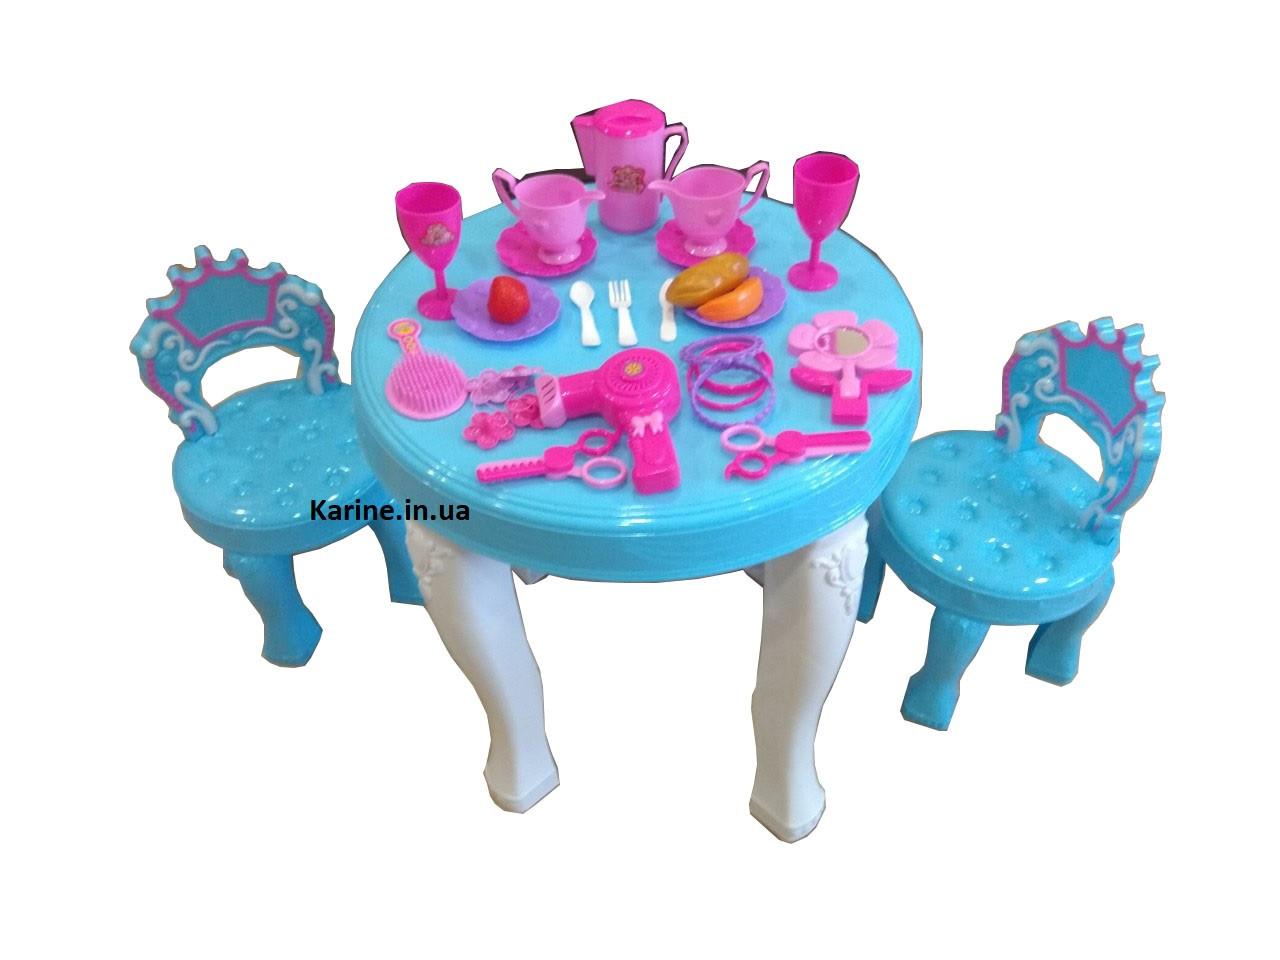 Столик и 2 стульчика Фрозен (Frozen) мебель 901-348